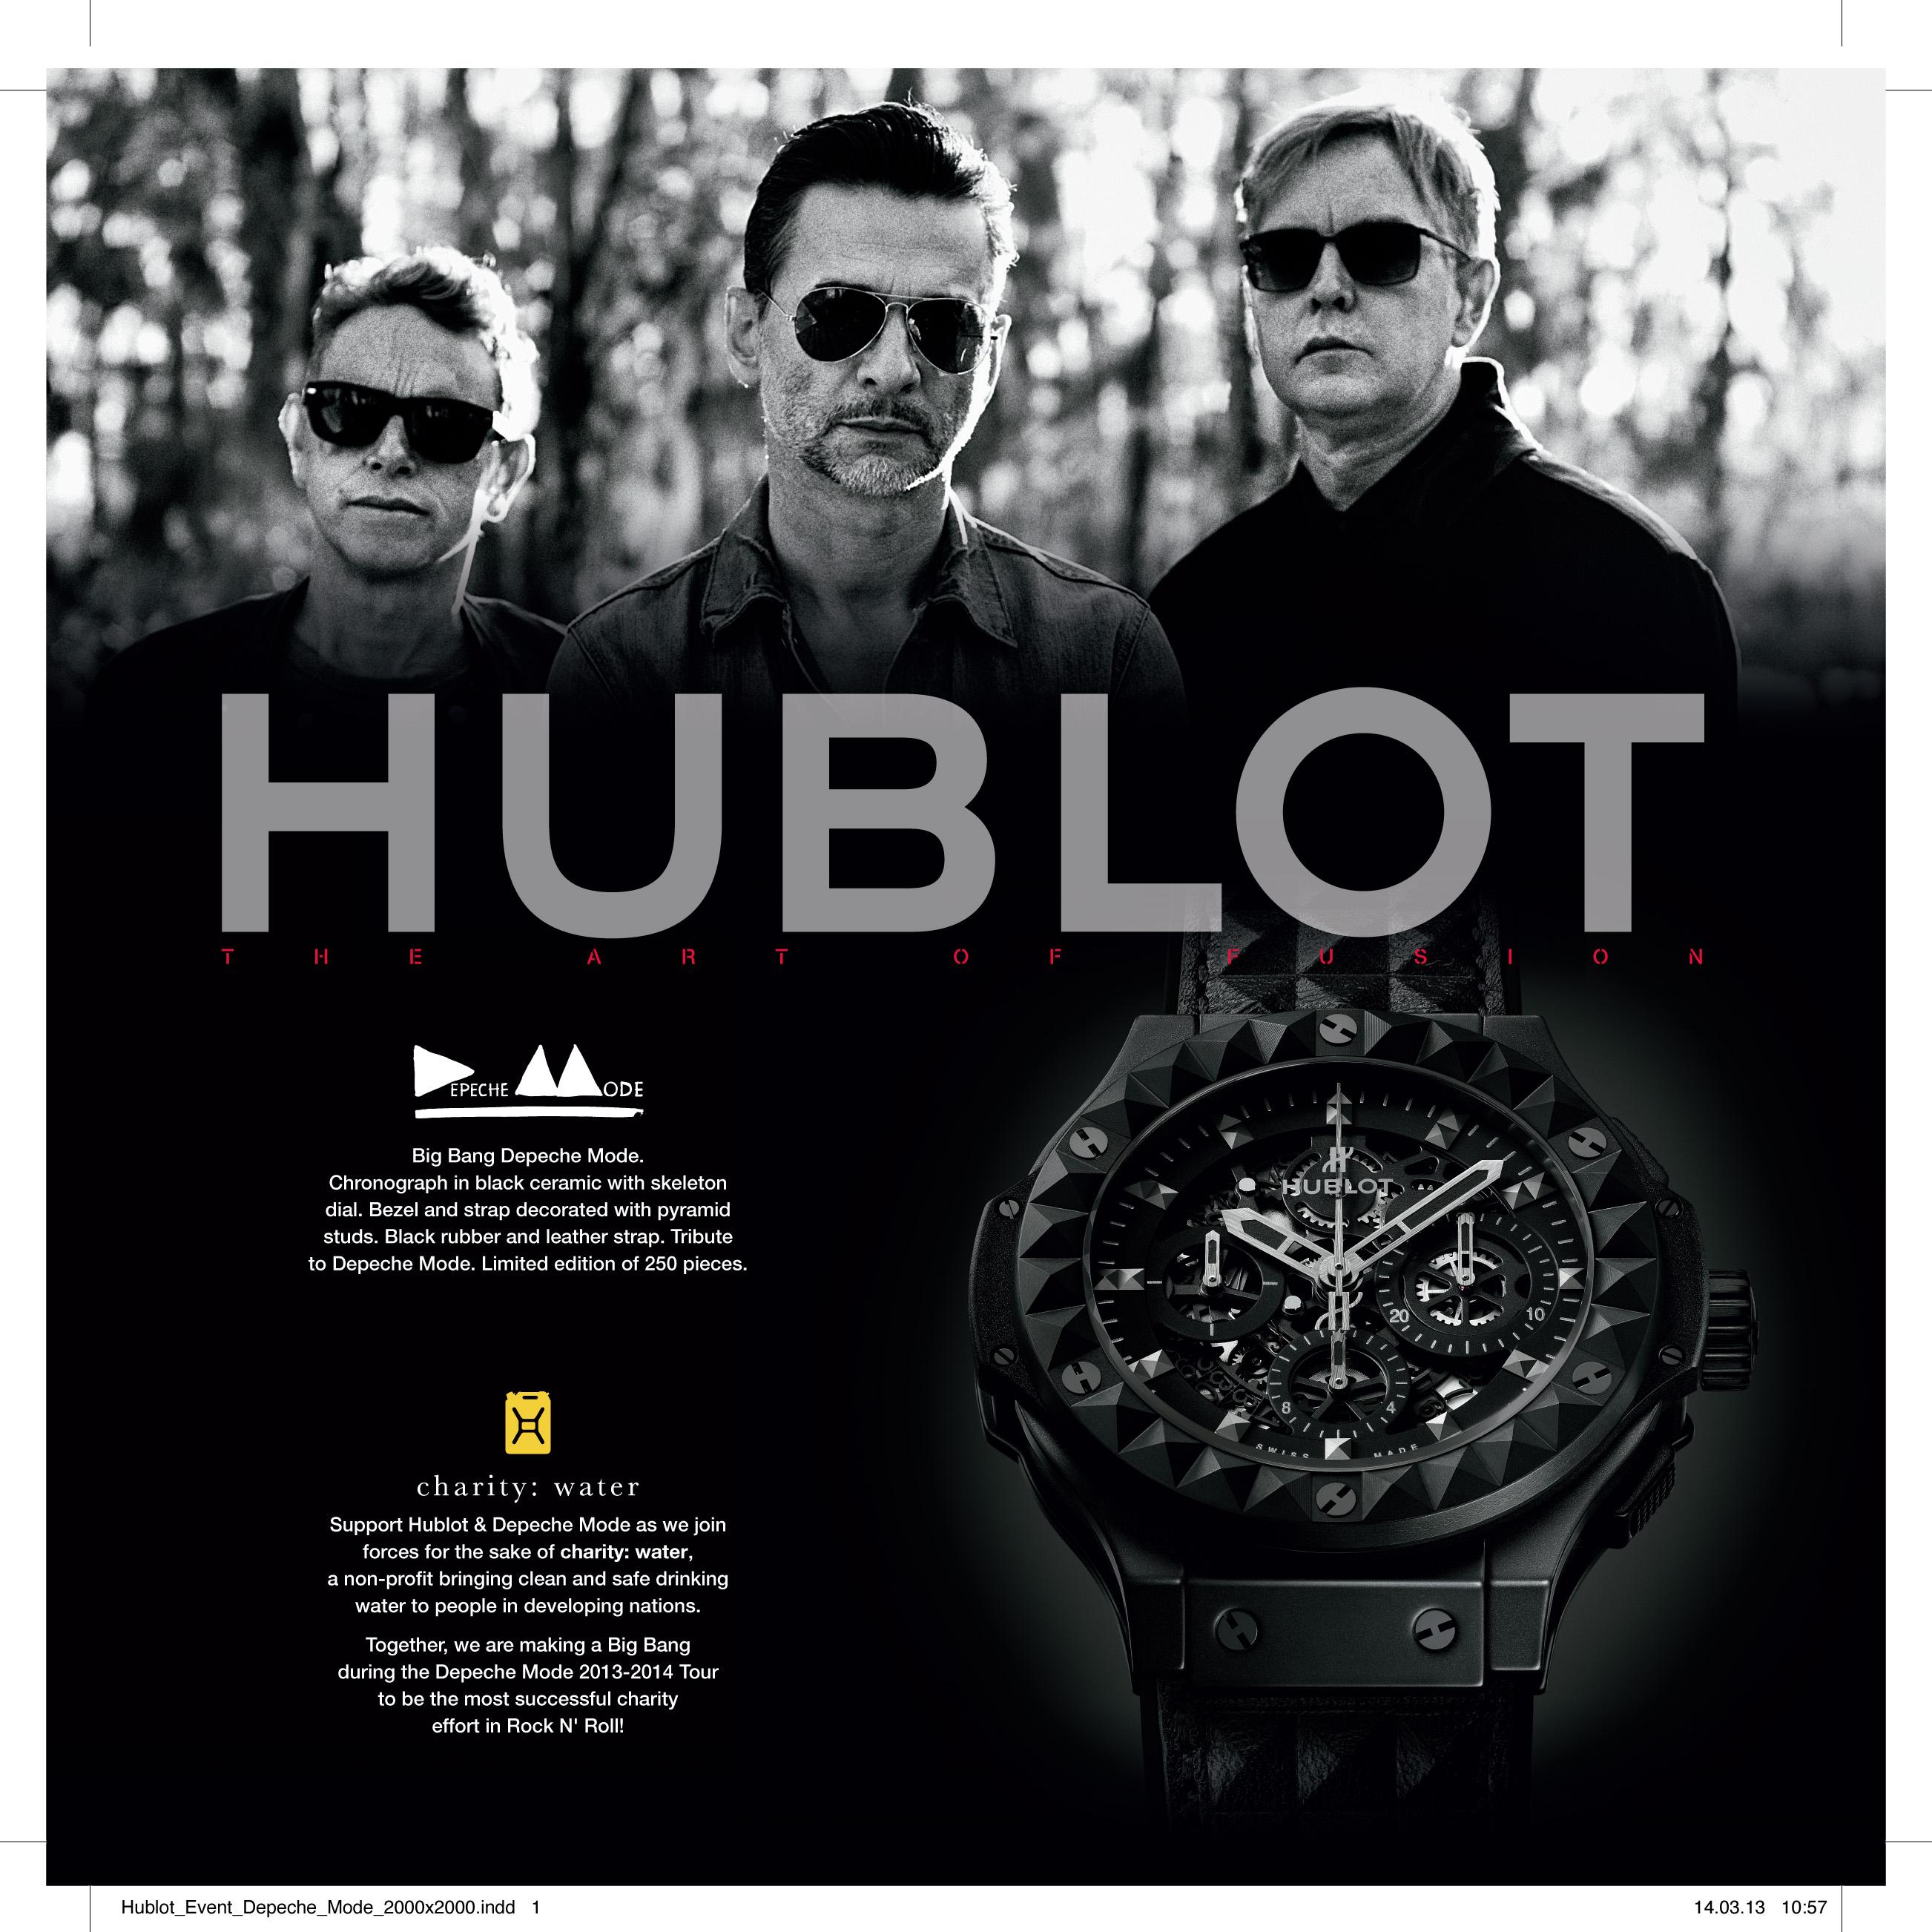 Hublot_Event_Depeche_Mode_2000x2000.indd